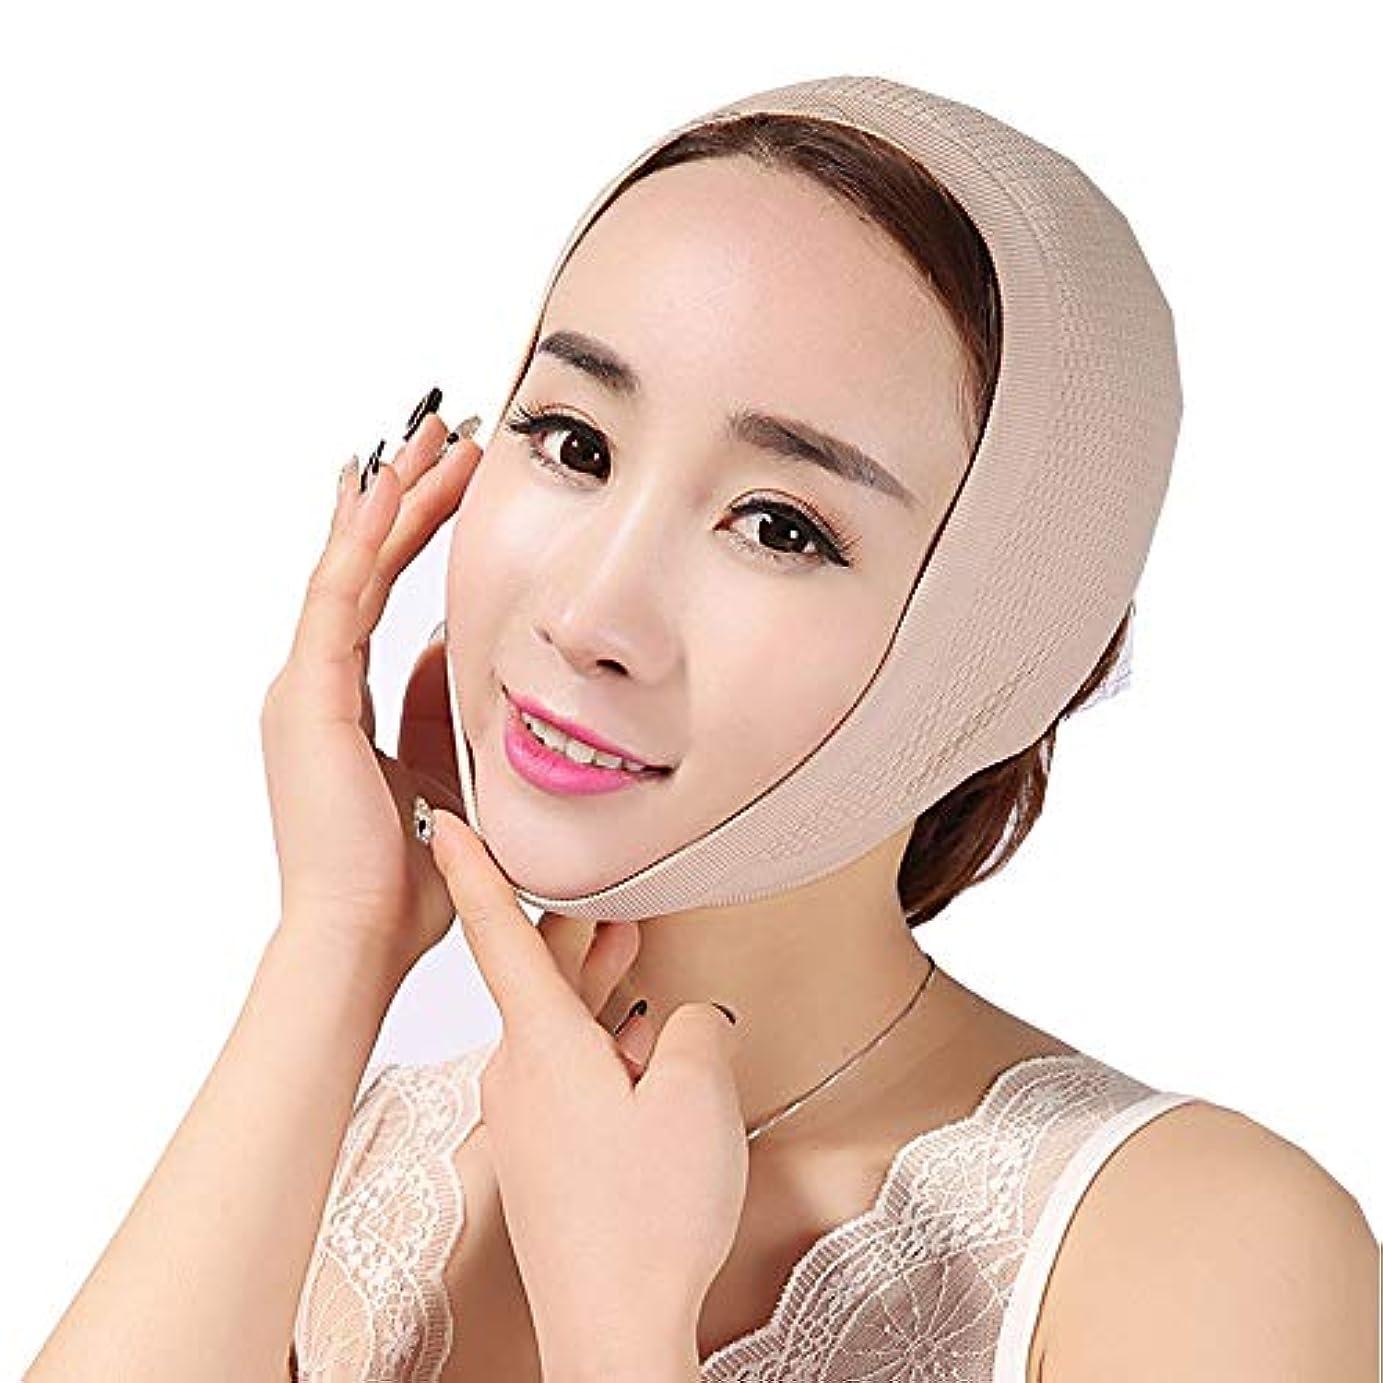 センチメートル米ドル口ひげMinmin フェイスマスクで眠る薄い顔フェイスリフトフェイスリフトアーティファクトスモールフェイスVフェイスリフト付きフェイスフェイス包帯引き上げジョーセット みんみんVラインフェイスマスク